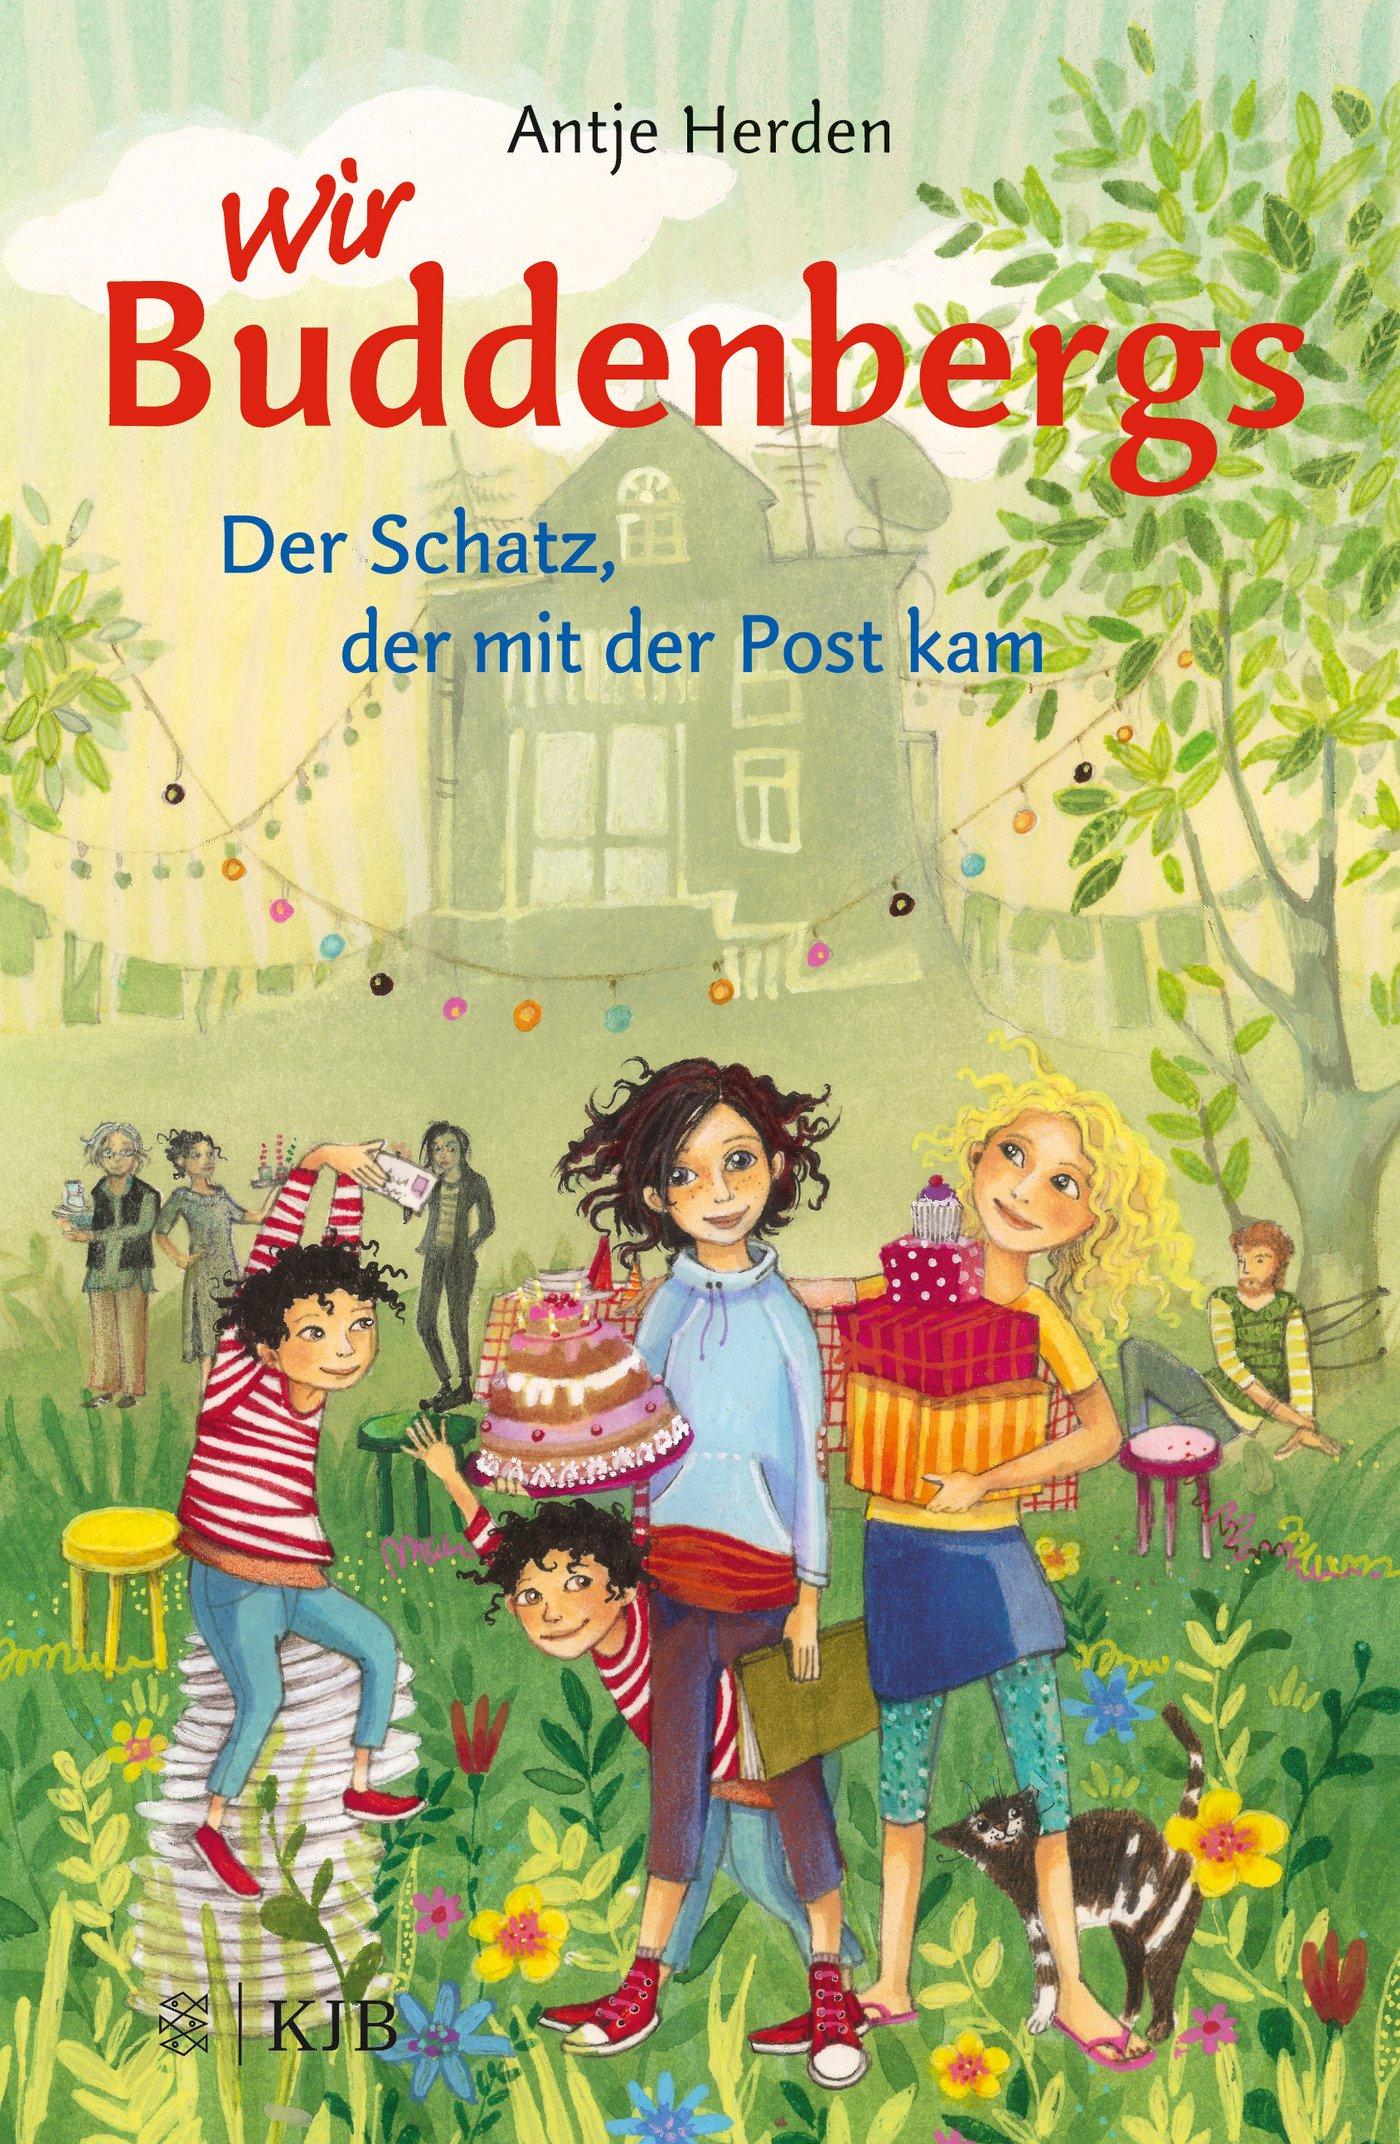 Wir Buddenbergs – Der Schatz, der mit der Post kam: Band 1